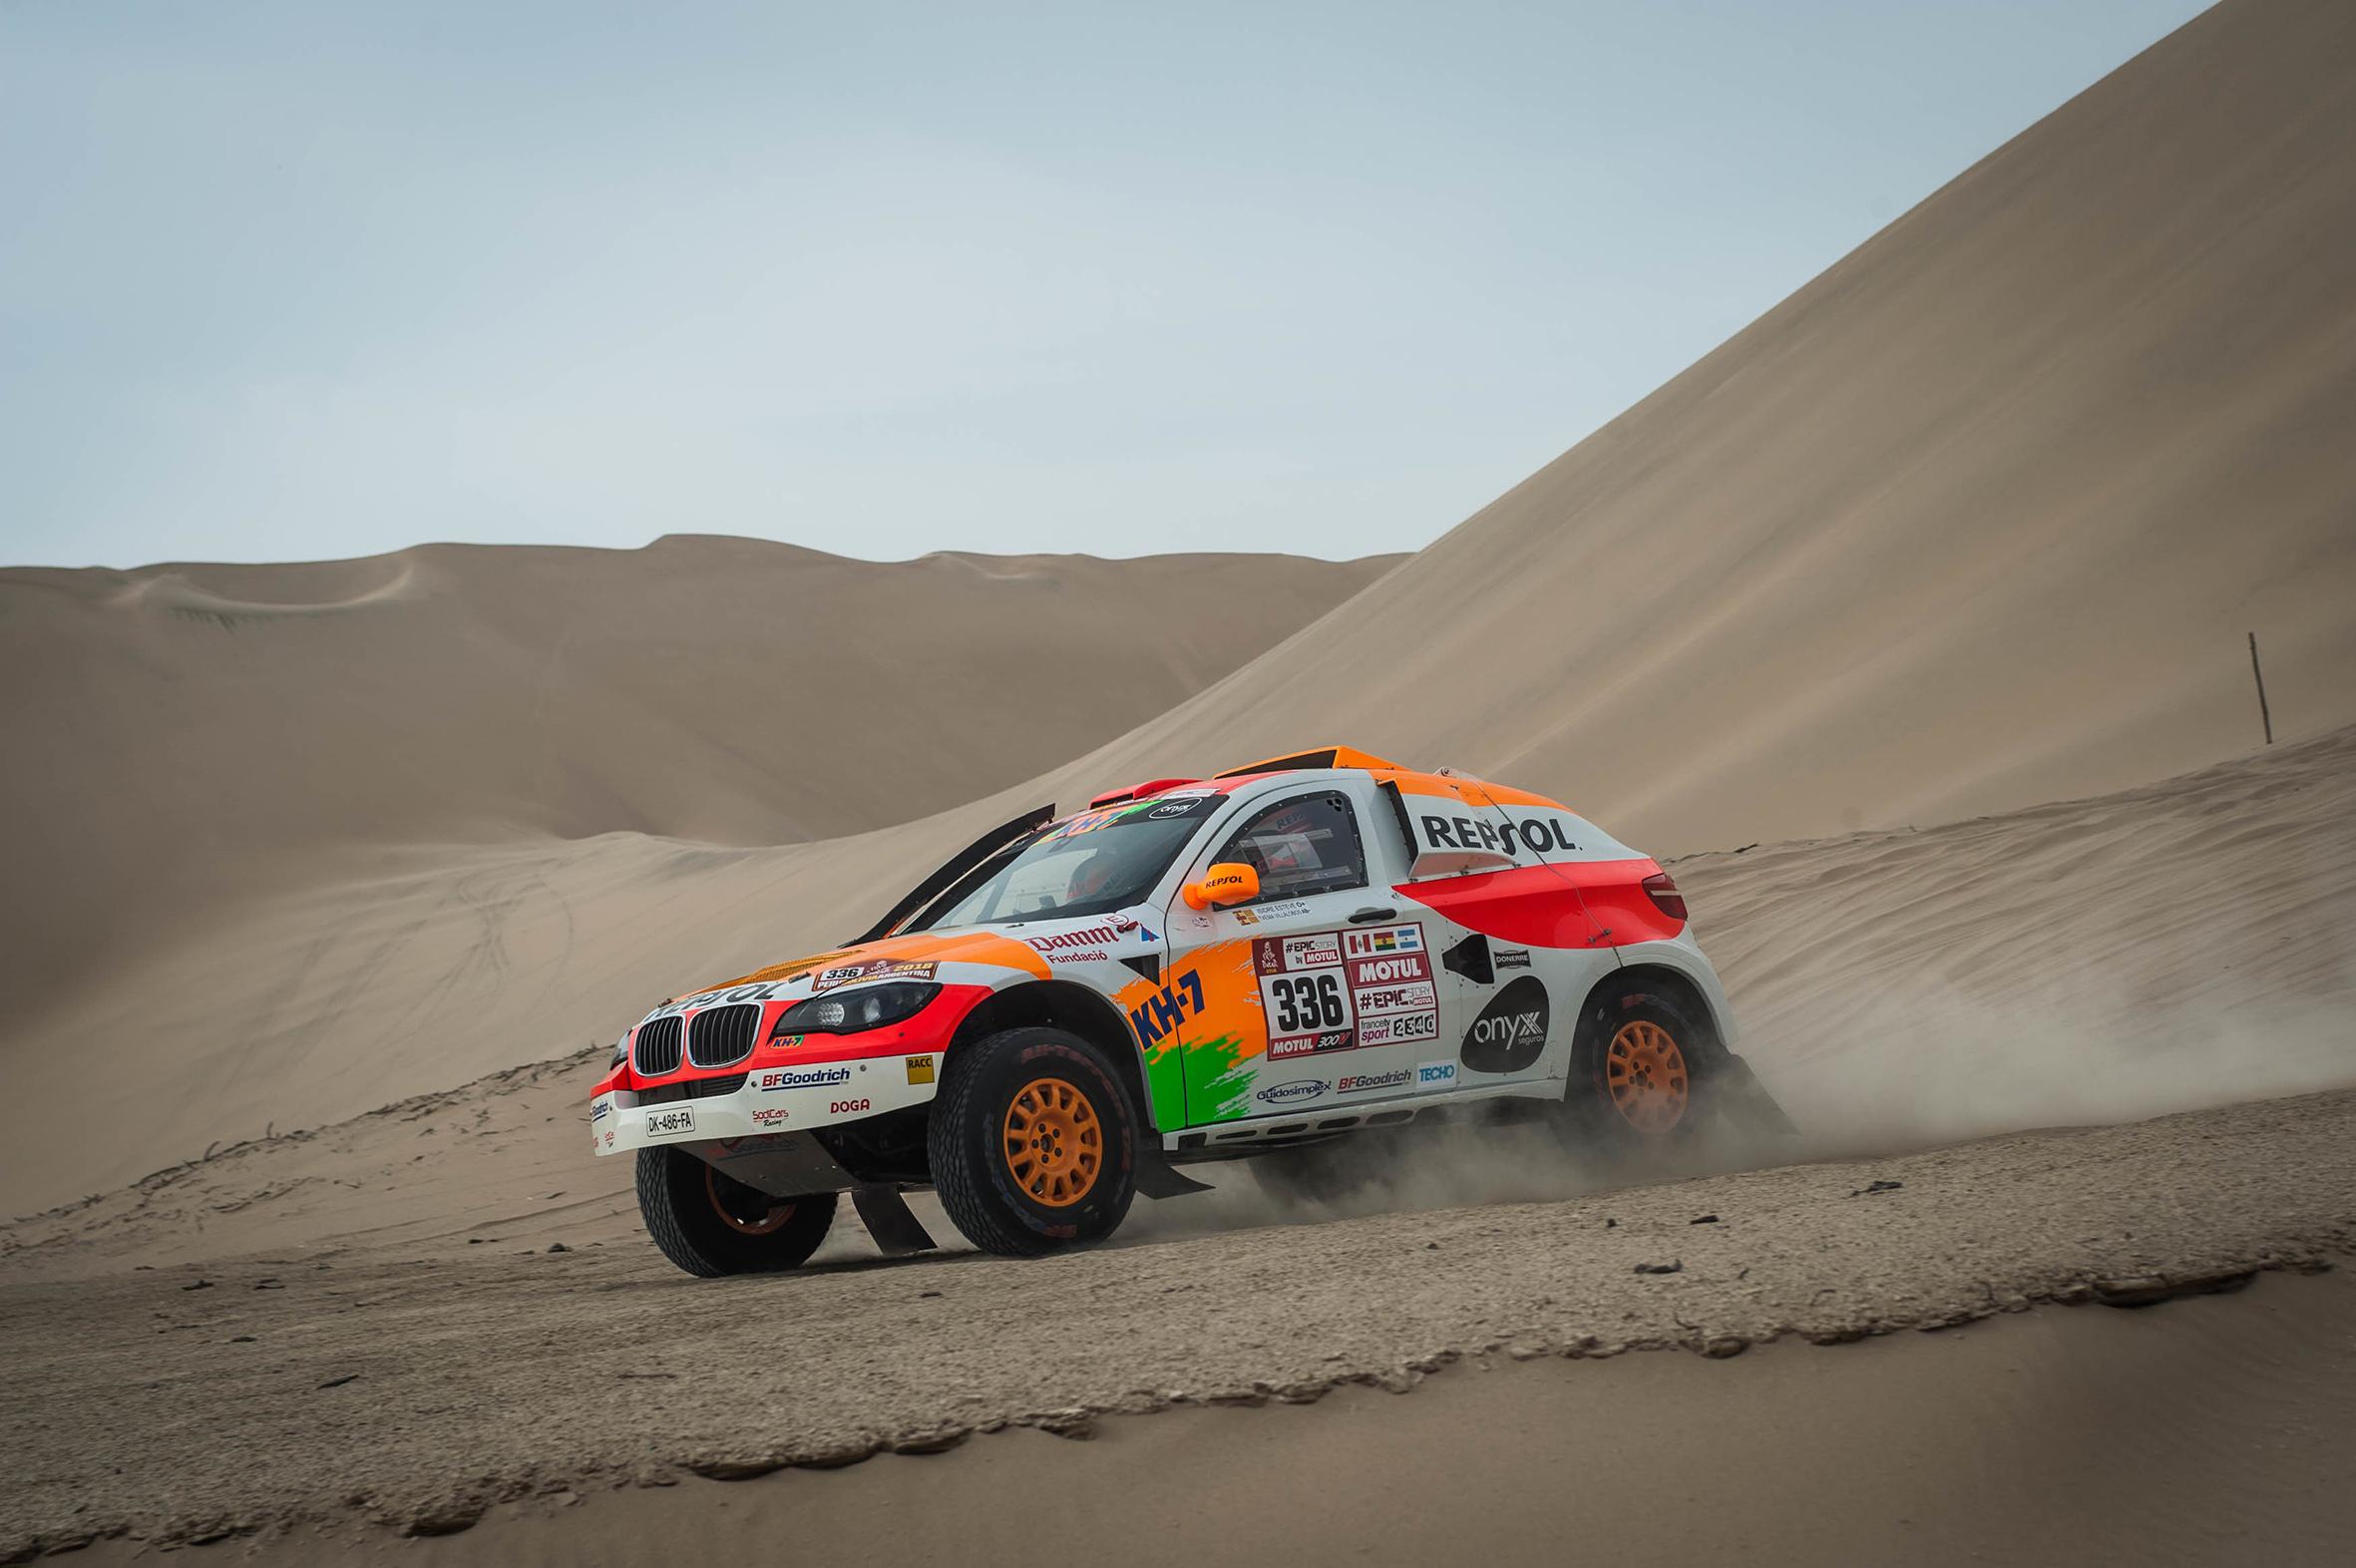 repsol rally team en las dunas